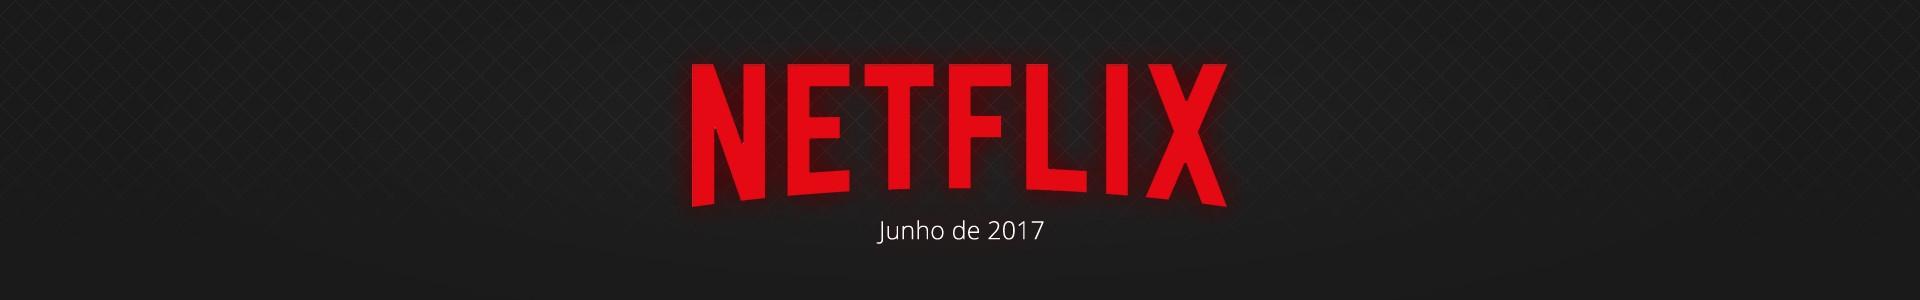 Próximas estreias de séries da Netflix de junho de 2017